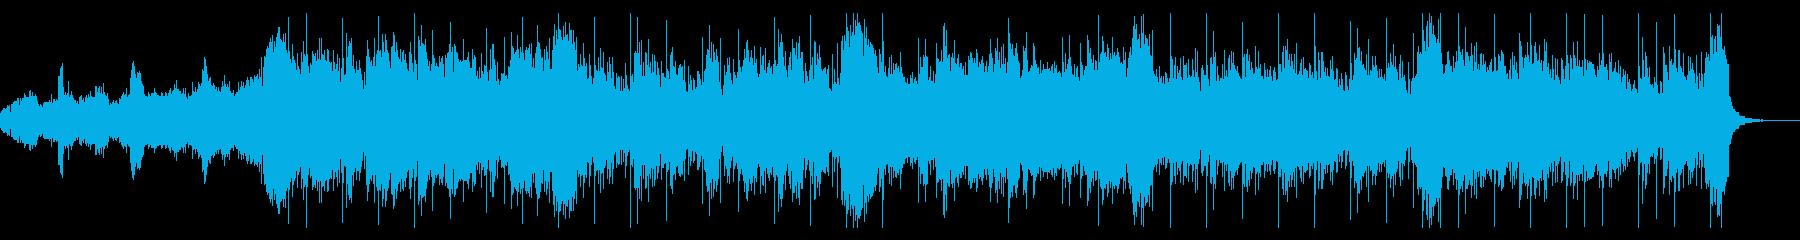 ダークなテクスチャアトモスの再生済みの波形